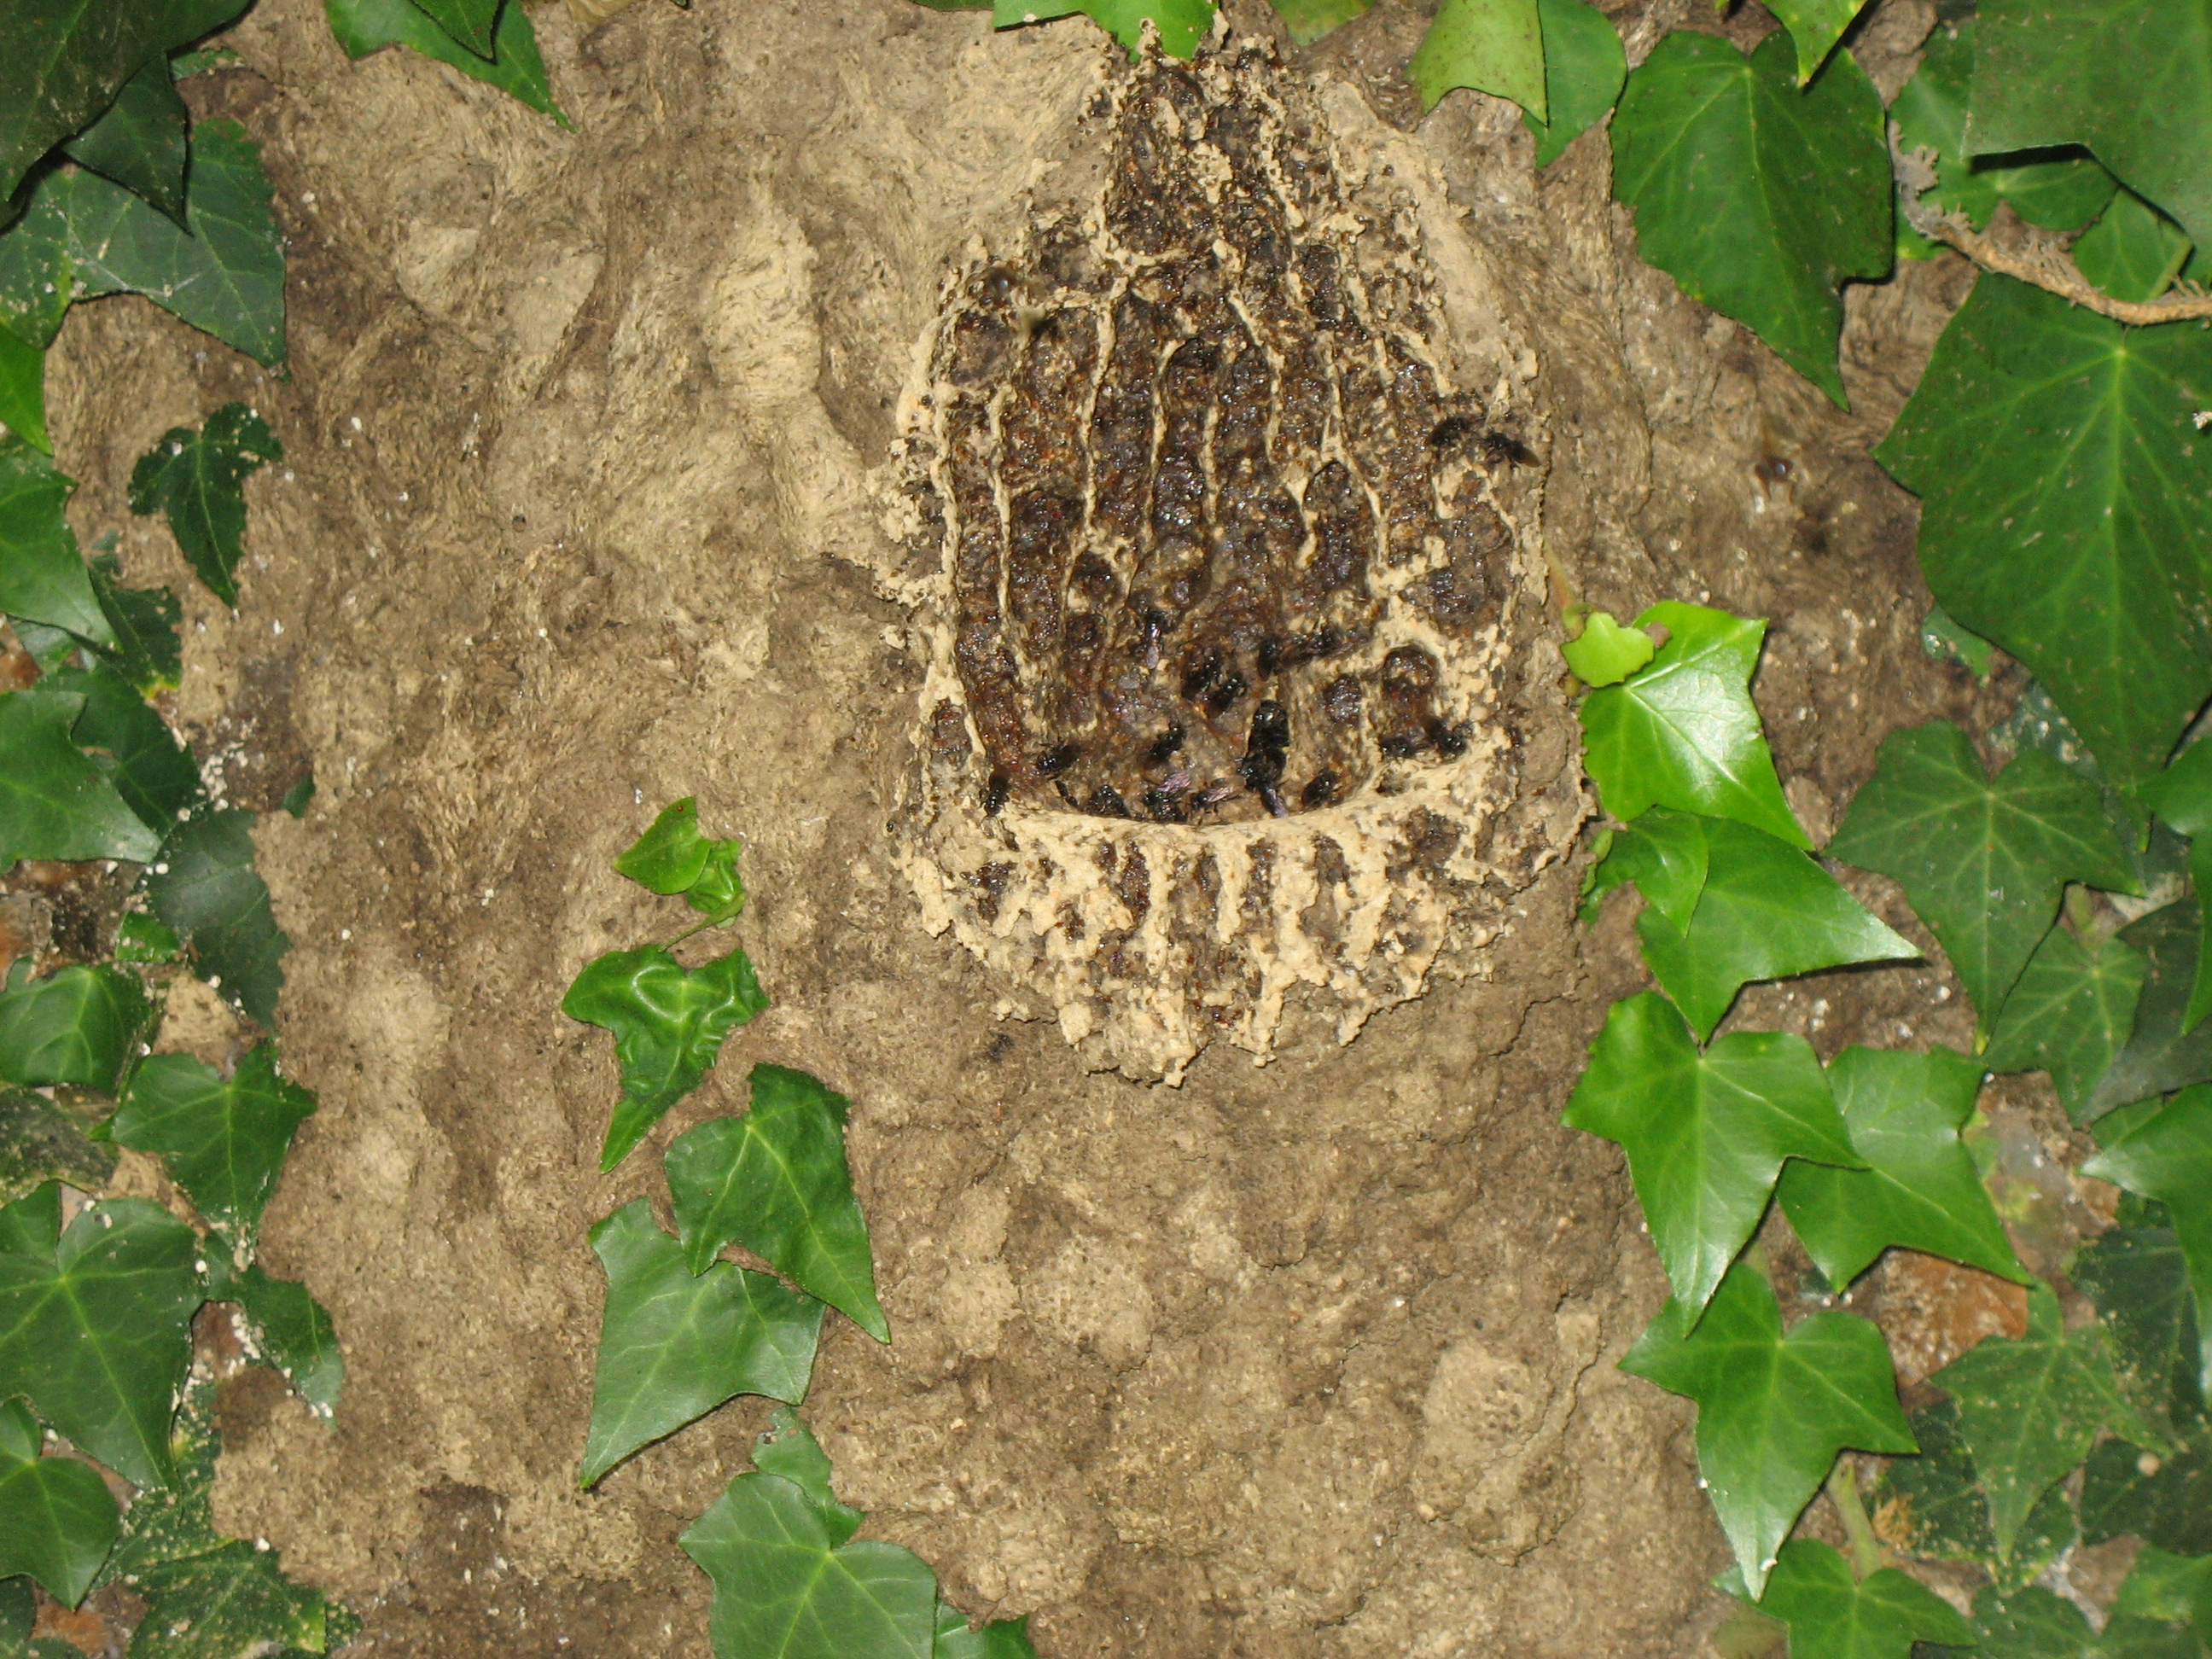 Nid d 39 abeilles les taxinomes - Nid d abeille castorama ...